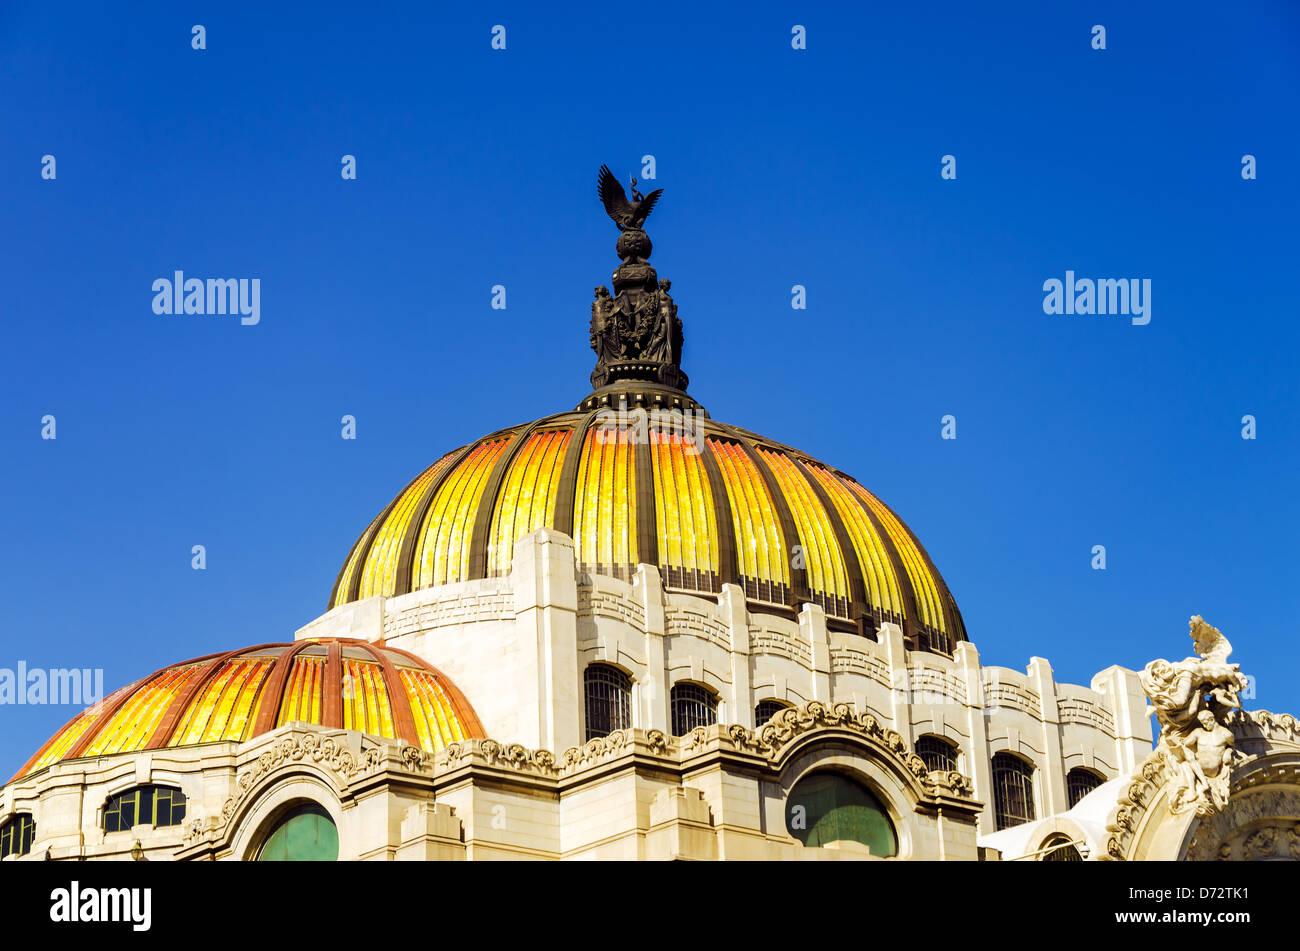 The orange and yellow dome of the Palacio de las Bellas Artes in Mexico City - Stock Image